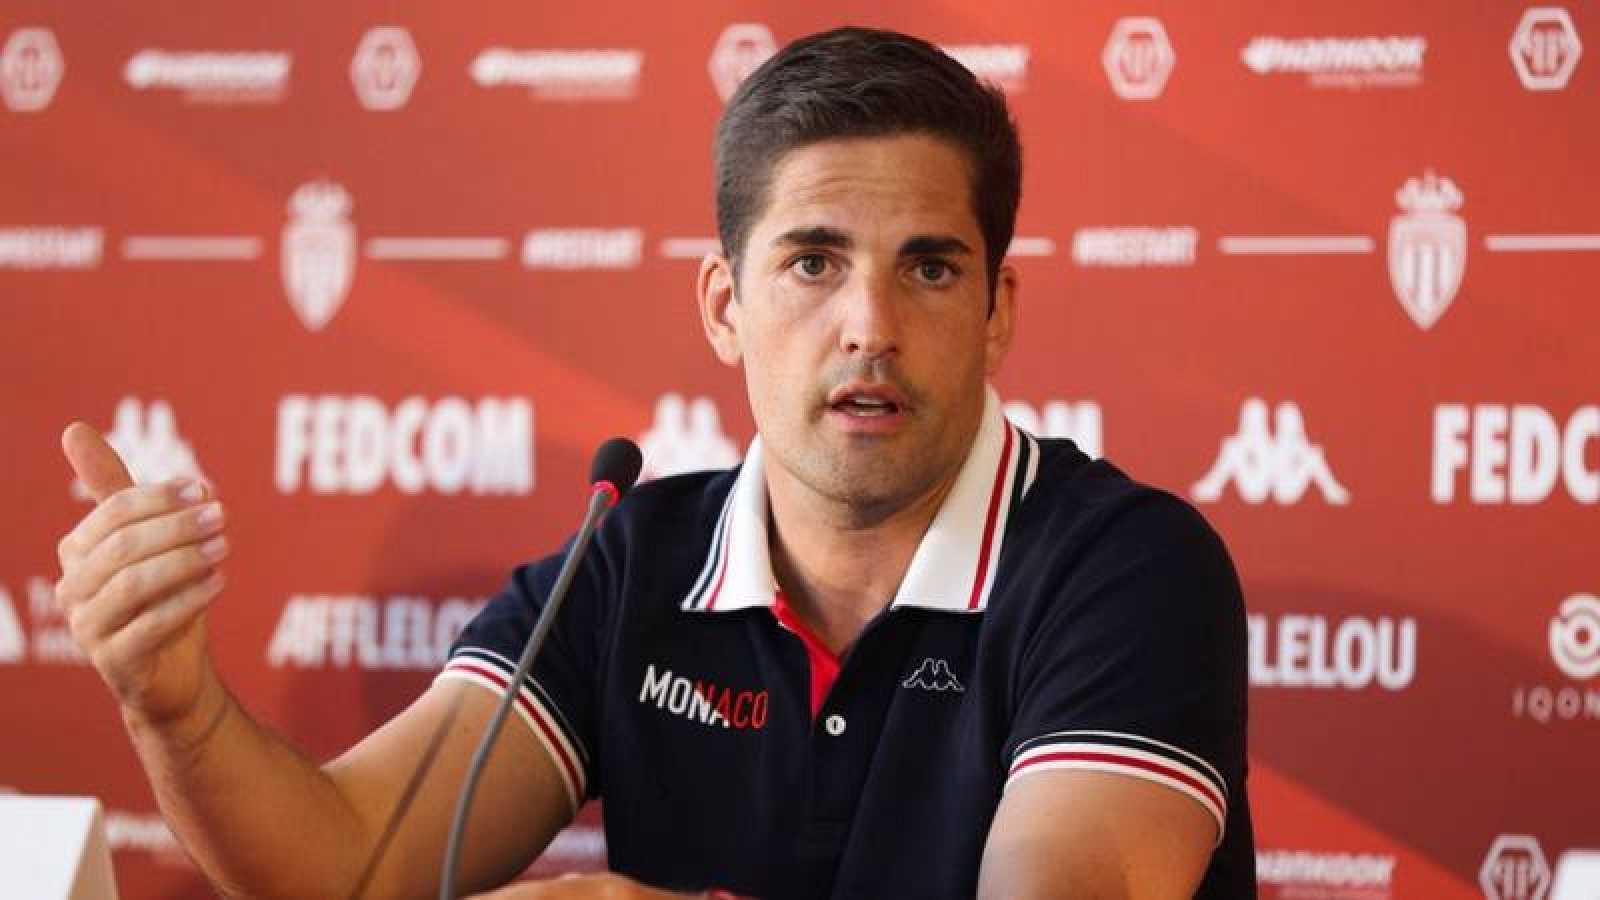 El entrenador Robert Moreno durante una rueda de prensa con el Mónaco.